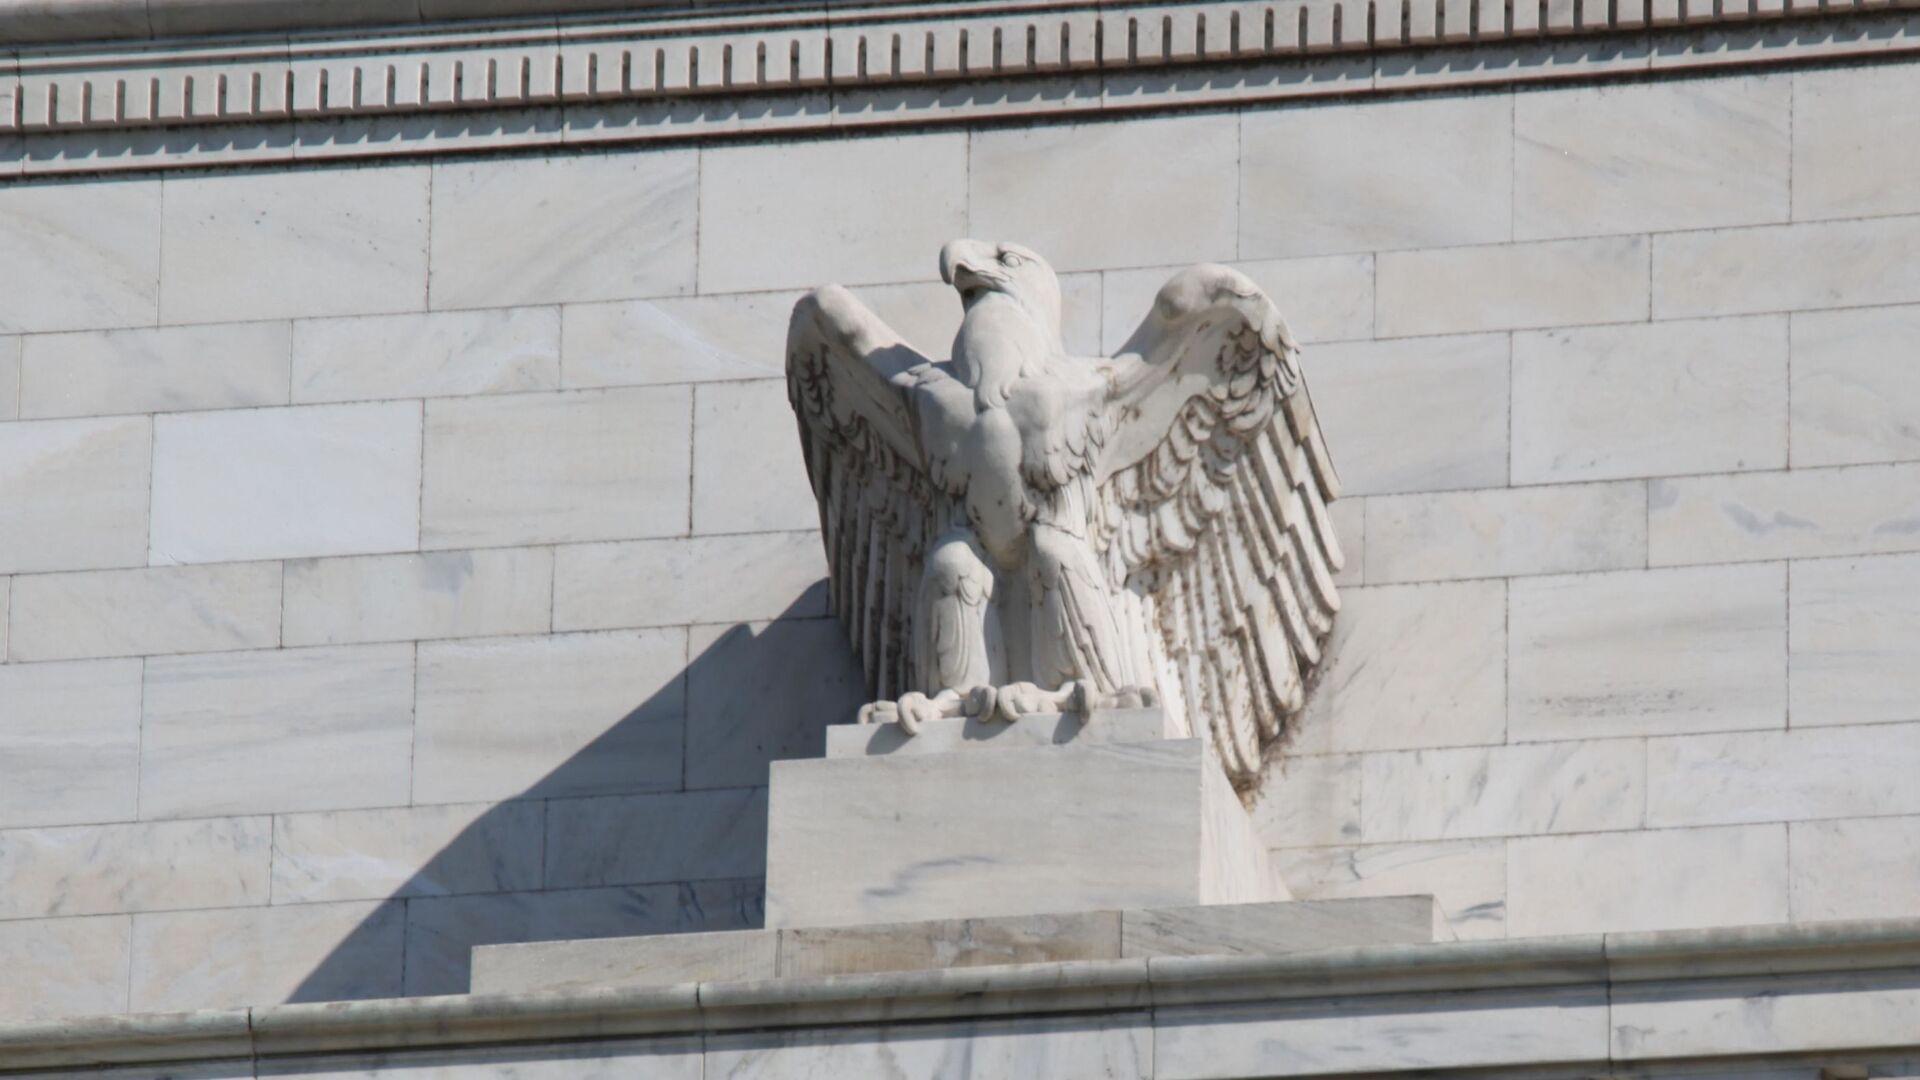 Federal Reserve Building - eagle  - Sputnik International, 1920, 08.09.2021